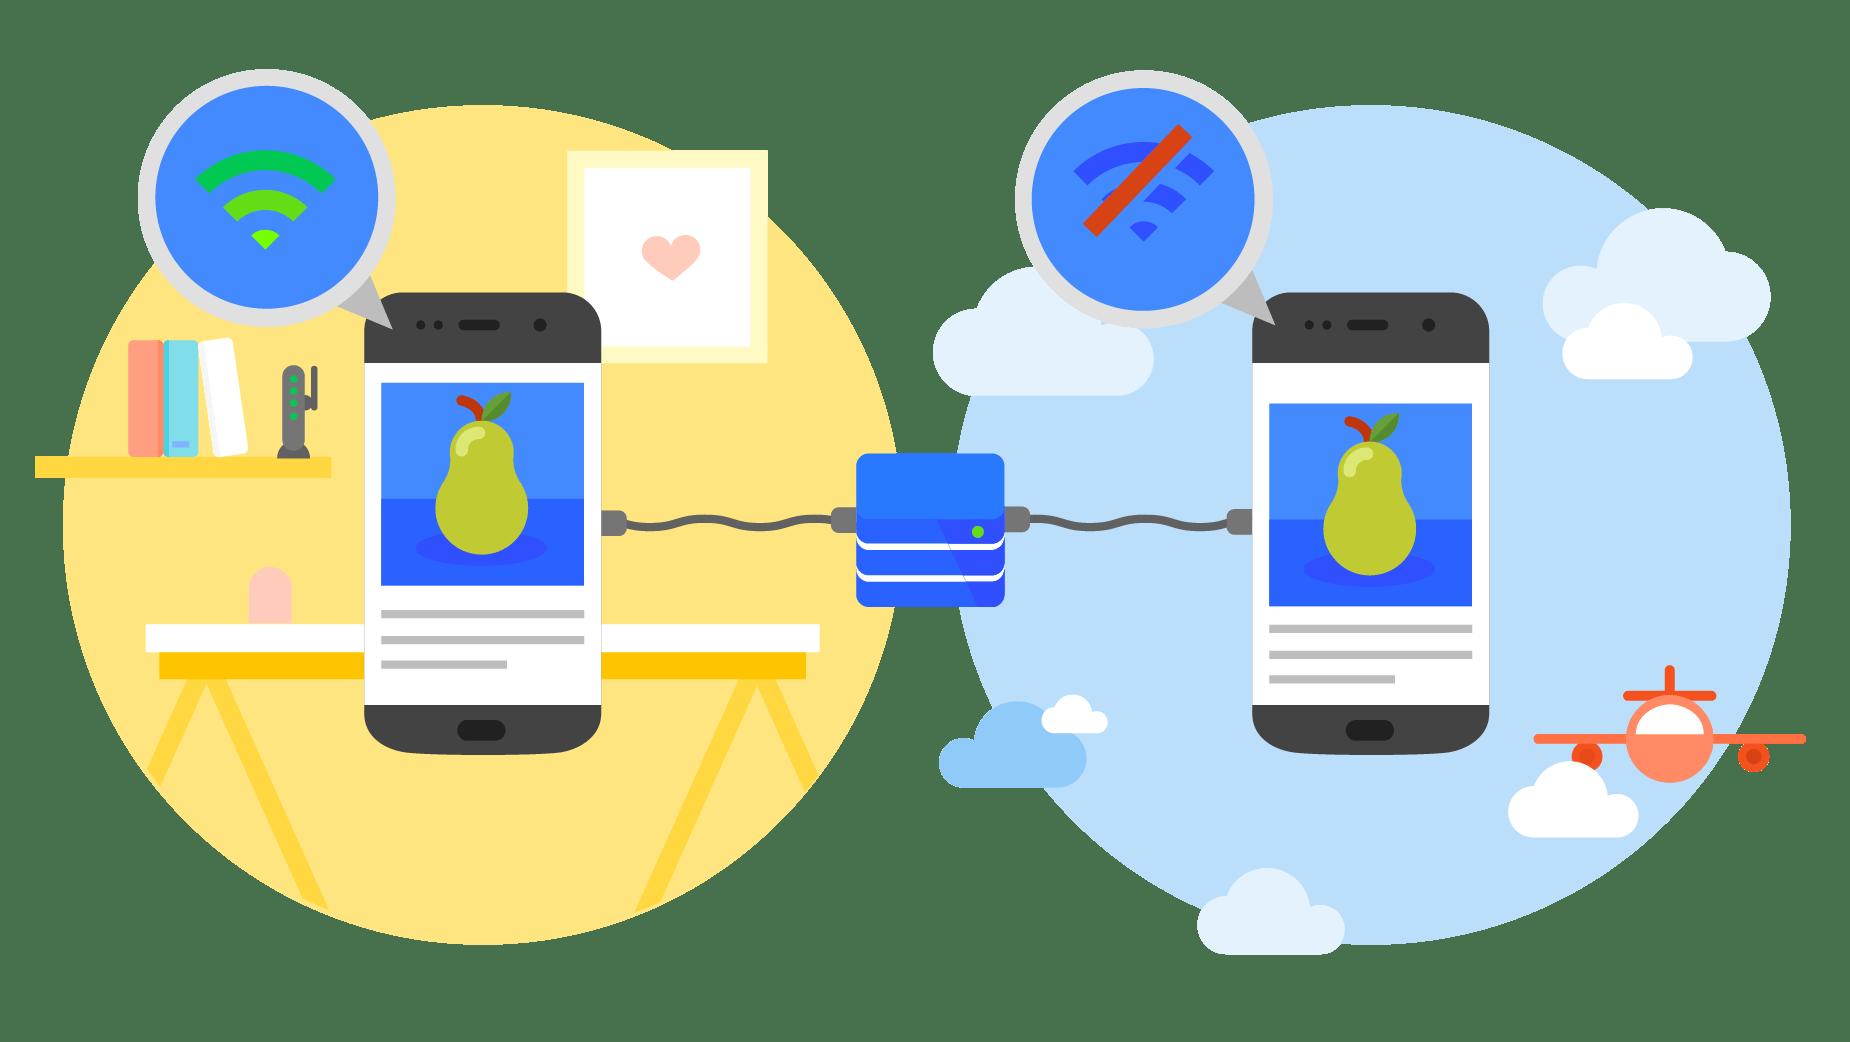 Могут ли PWA (Progressive Web Apps) образца 2018 года составить достойную конкуренцию нативным приложениям? - 1